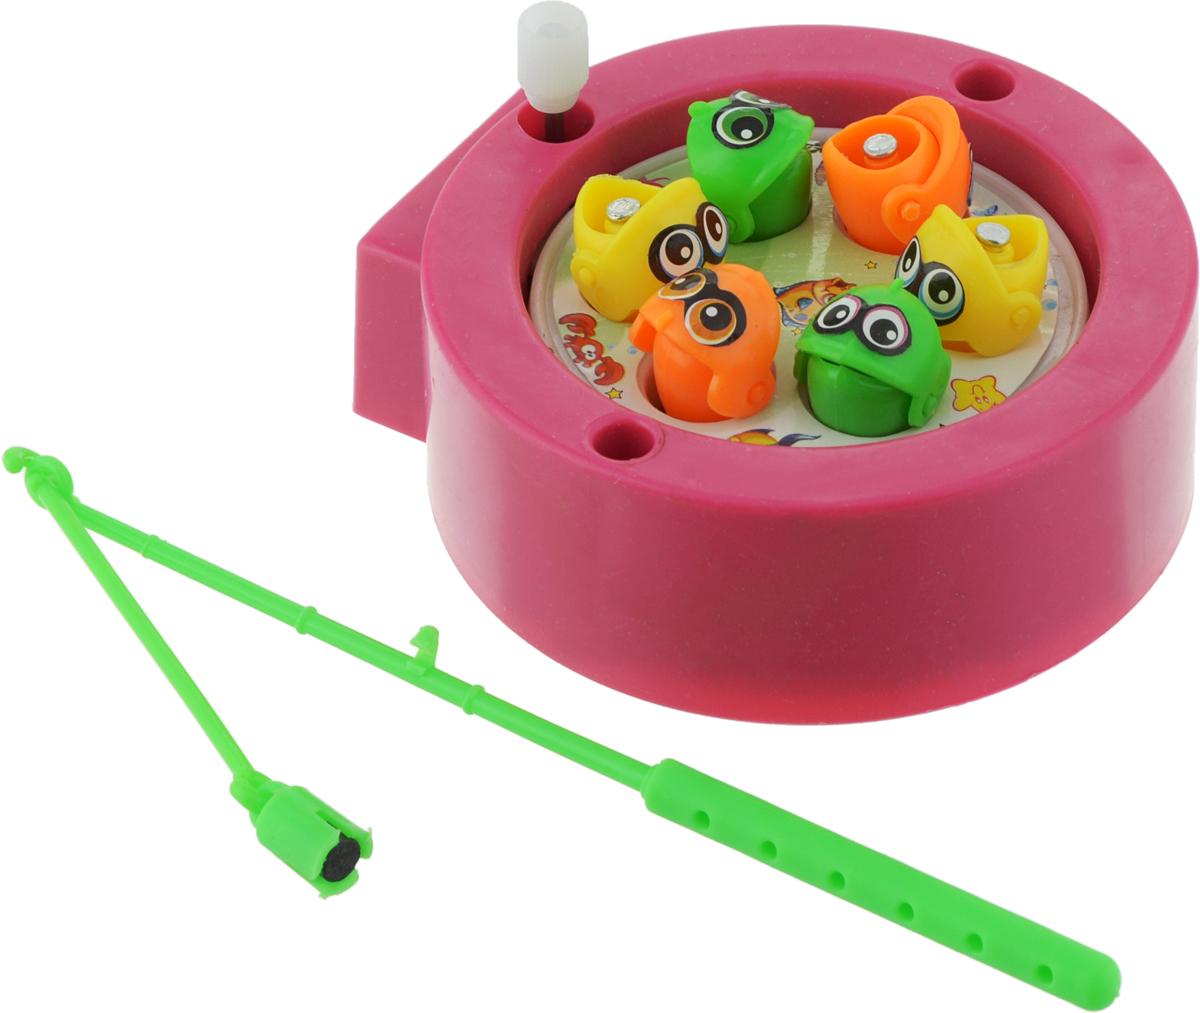 Bampi Обучающая игра Магнитная рыбалка L031 цвет розовый 10 лопатка с небольшим отгибом морское рыболовство спиннинг ловля на крючок пресноводная рыбалка обычная рыбалка ужение на спиннинг ловля